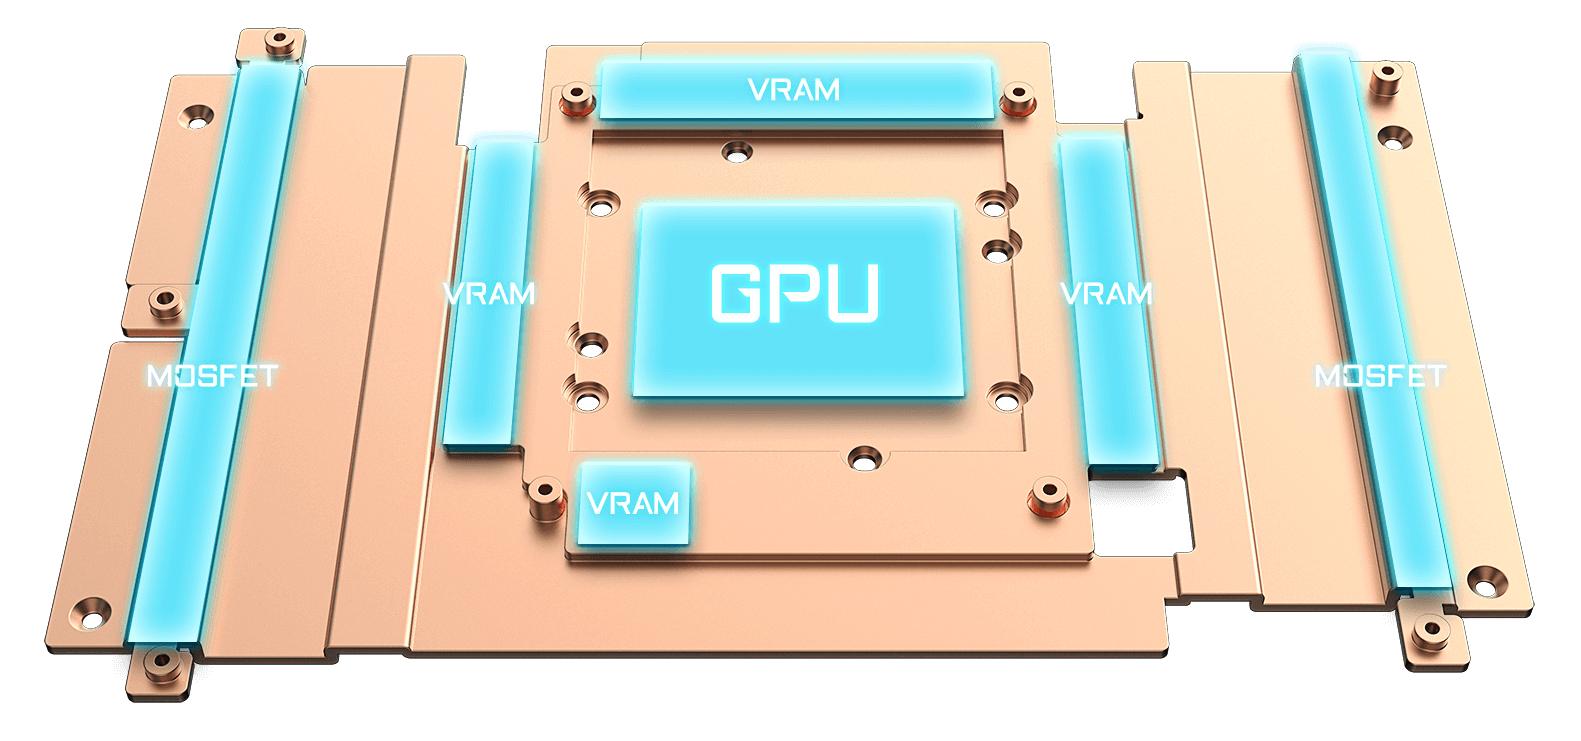 Tấm đế đồng tiếp xúc trực tiếp với GPU, VRAM